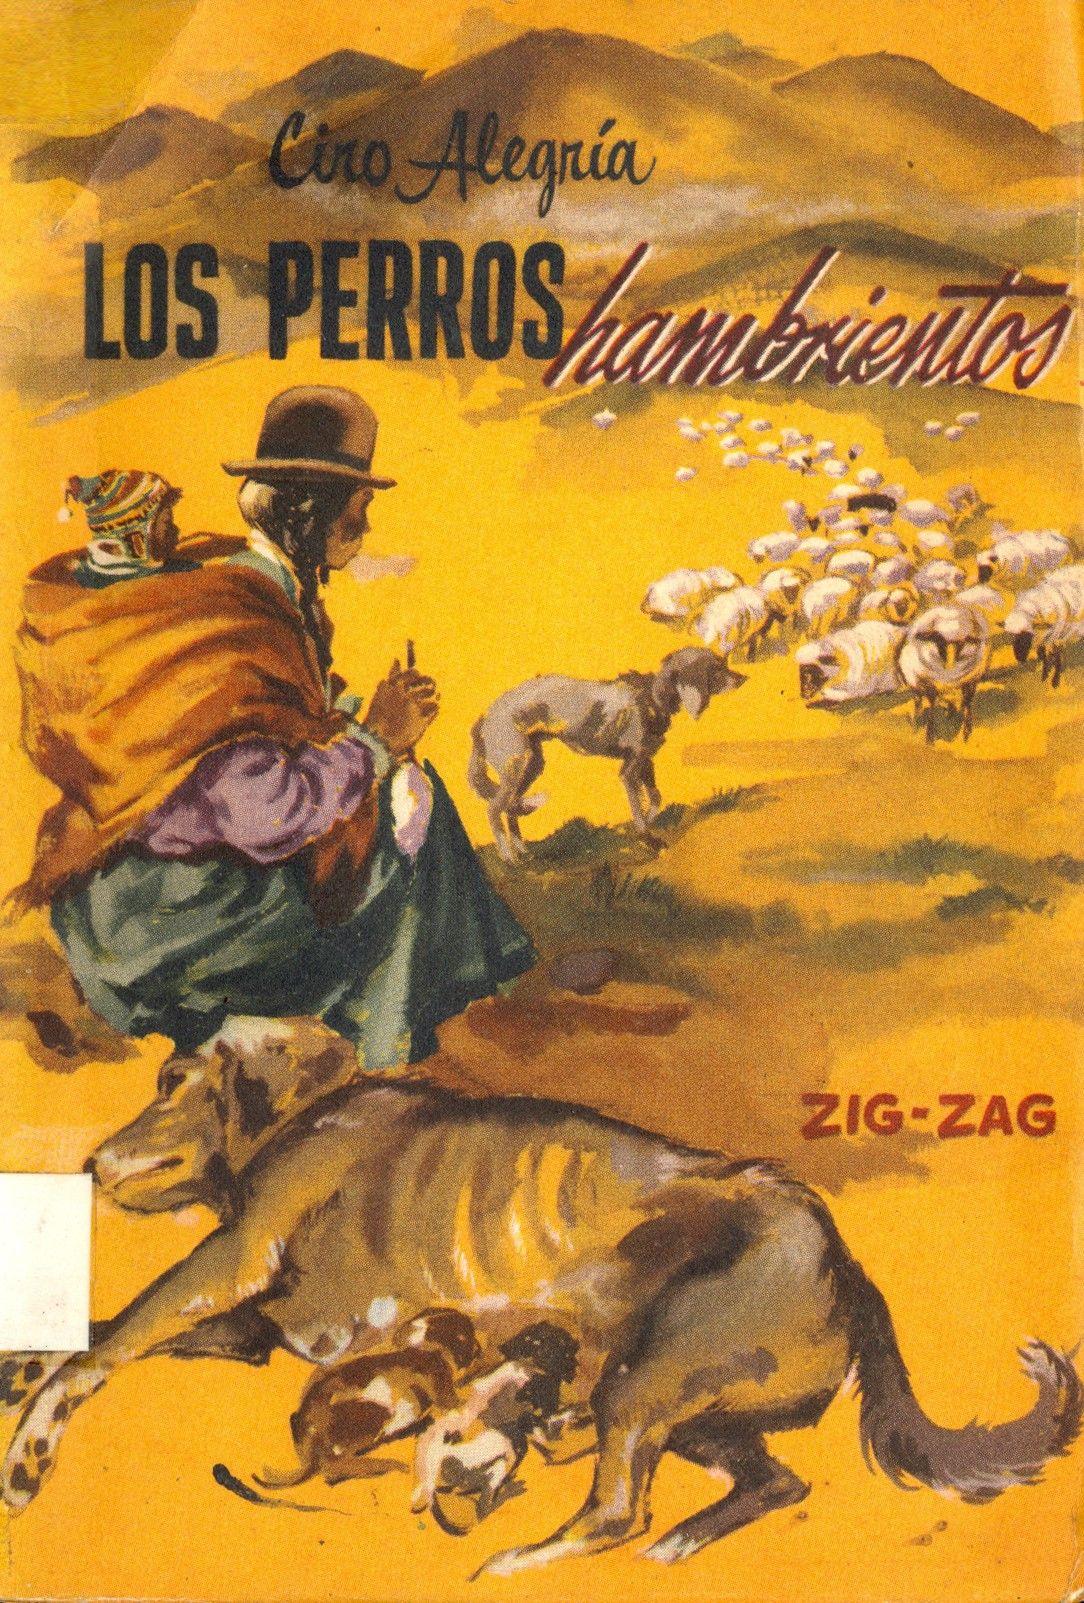 Ciro Alegria Los Perros Hambrientos Movie Posters Poster Painting